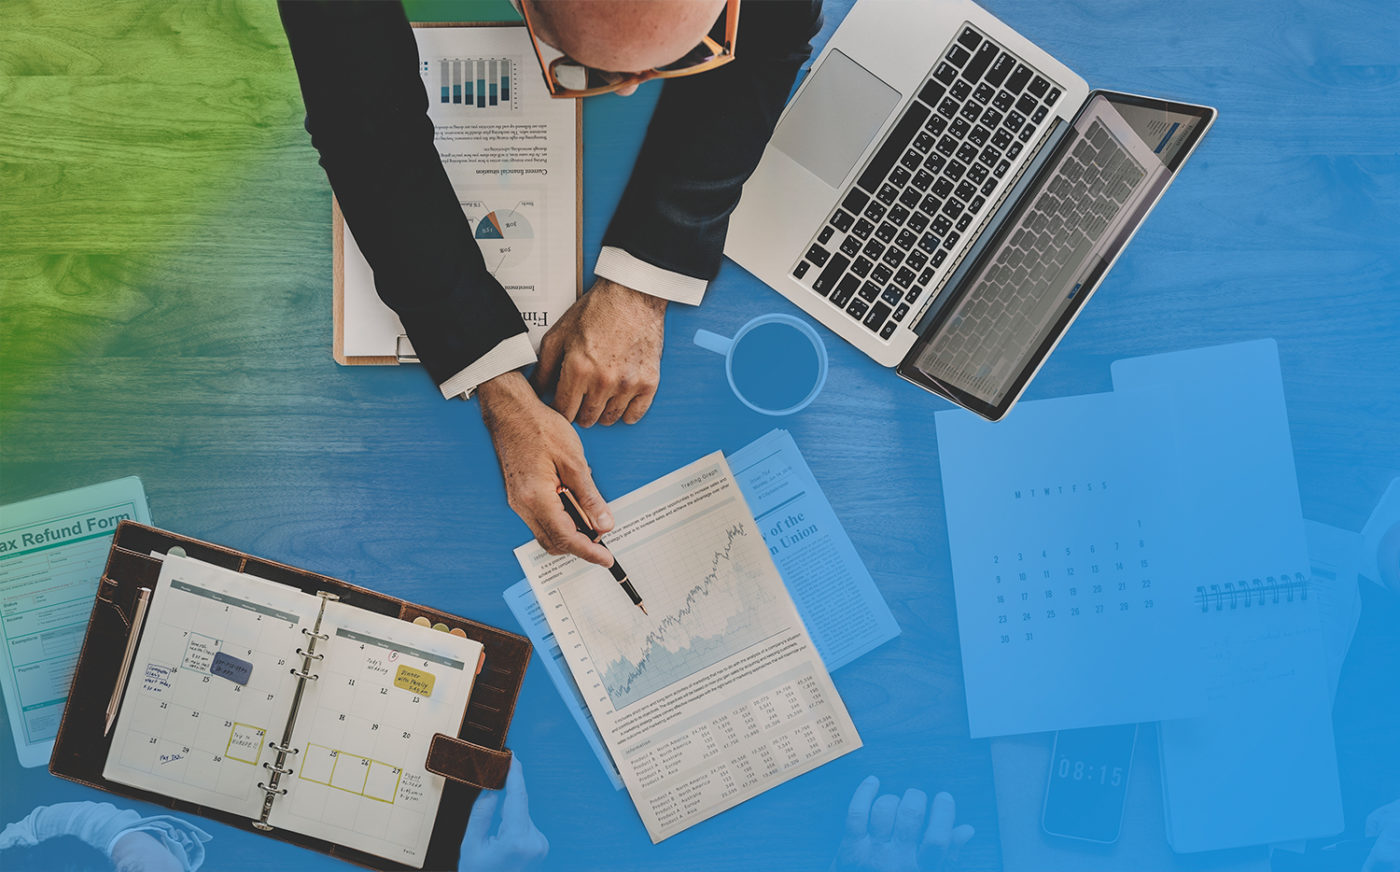 Мероприятия: Майстер-клас «Навіщо потрібні бізнес-аналітики в IT-компаніях?» у Києві